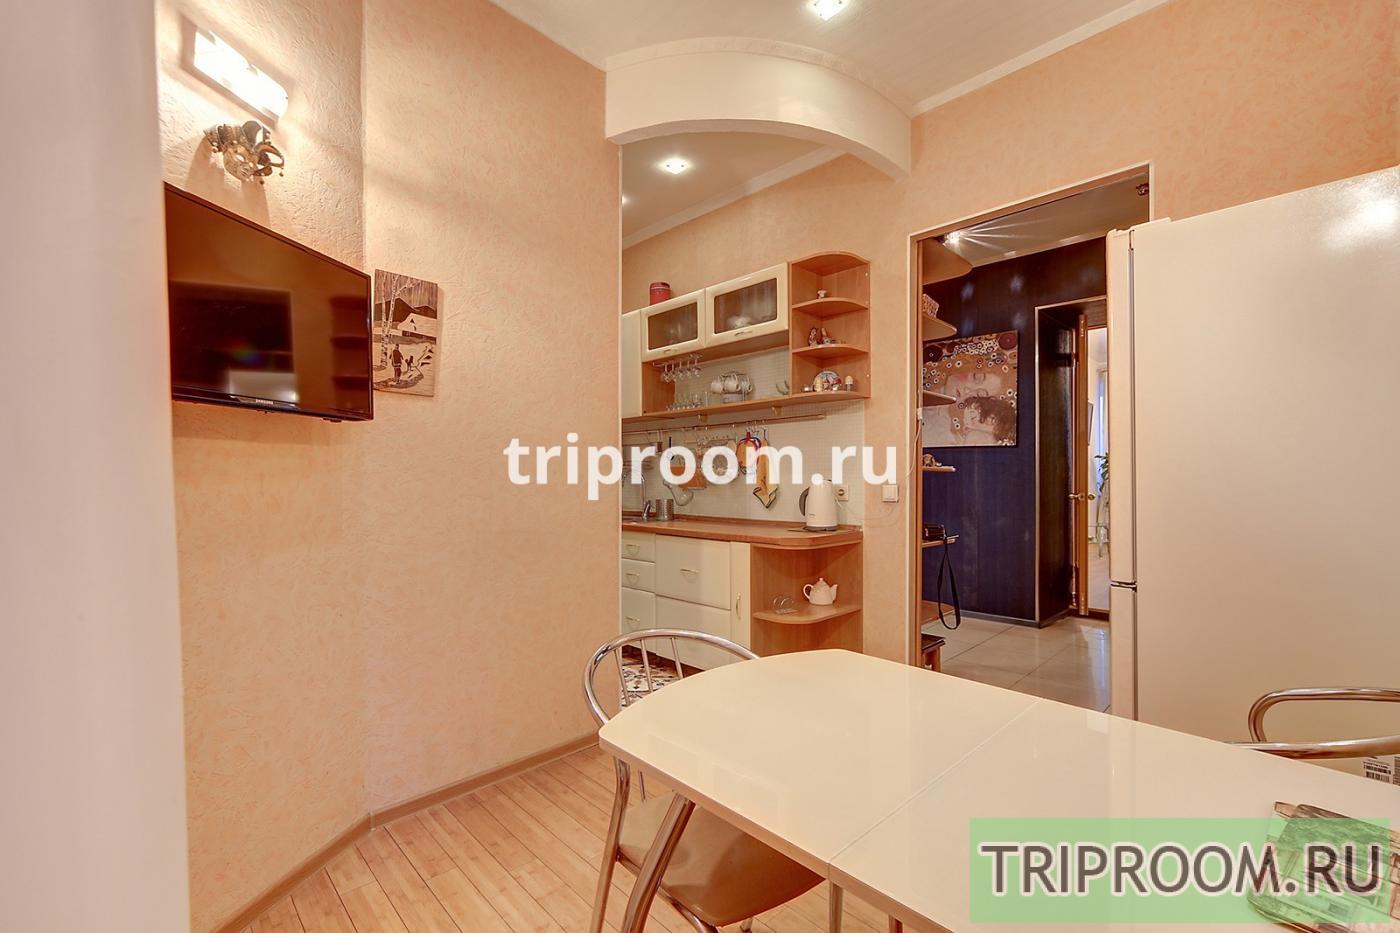 2-комнатная квартира посуточно (вариант № 15459), ул. Адмиралтейская набережная, фото № 17